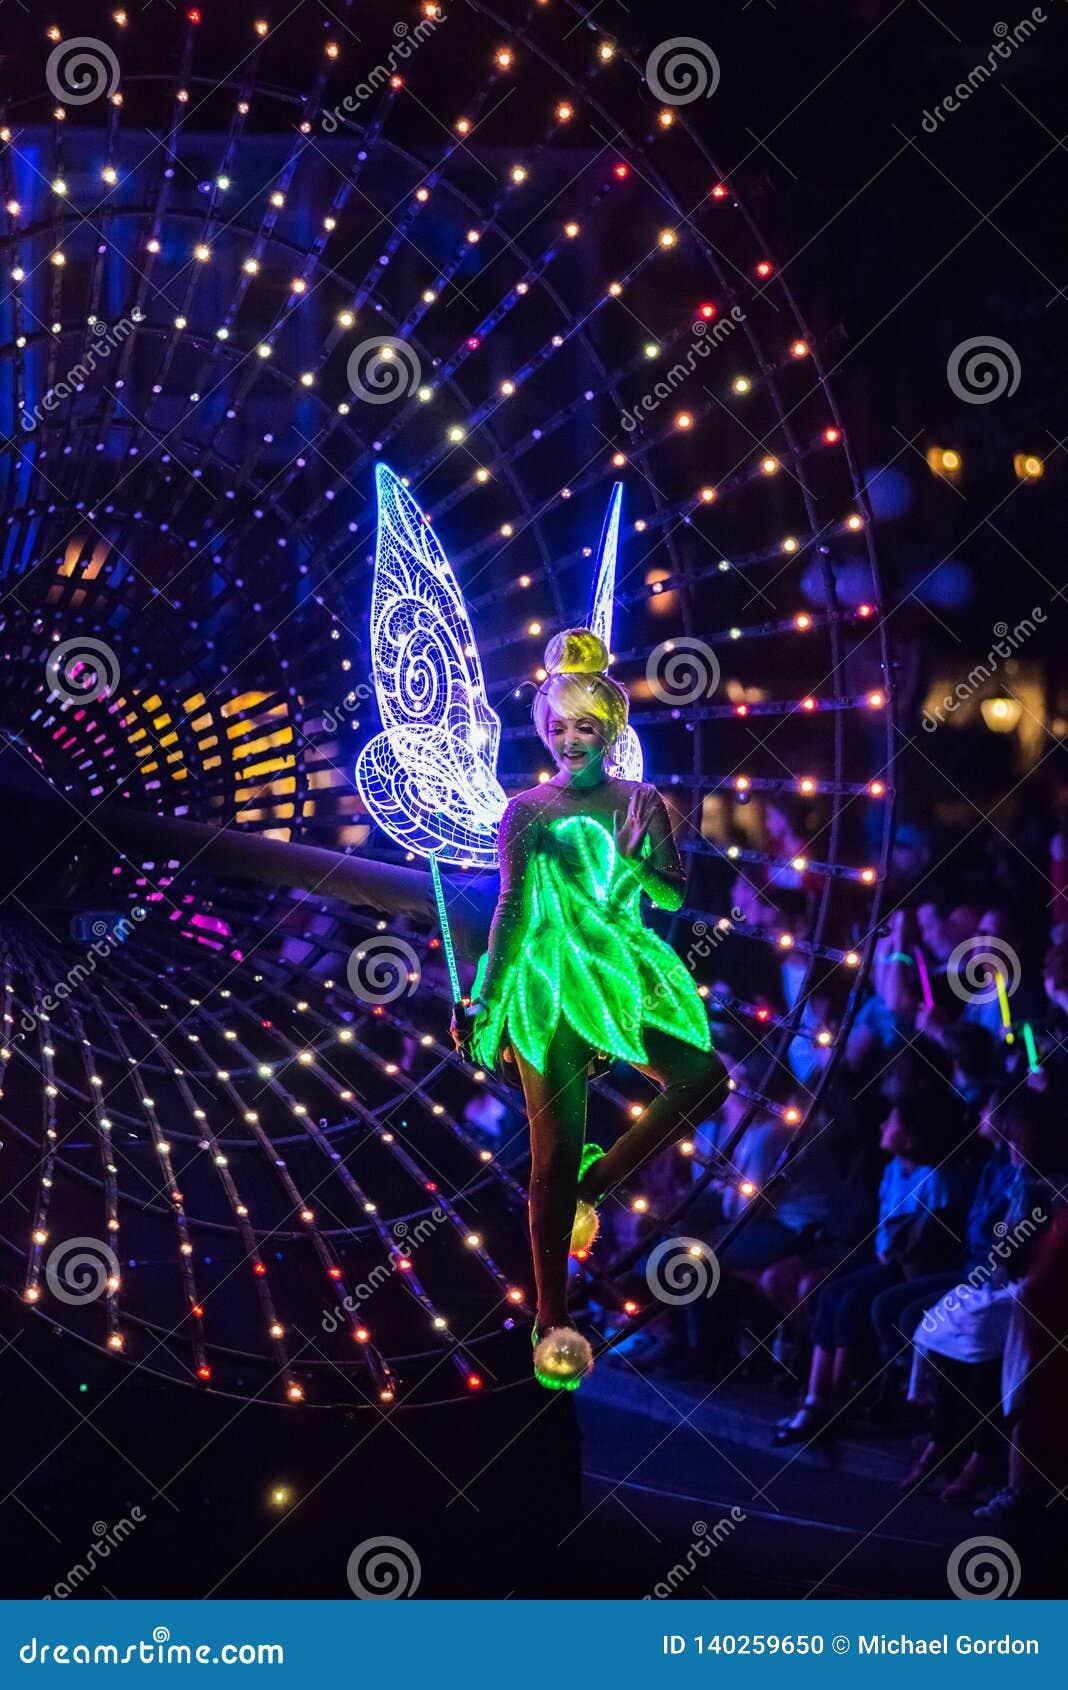 Parque temático de Disneyland de Walt Disney Company en Anaheim